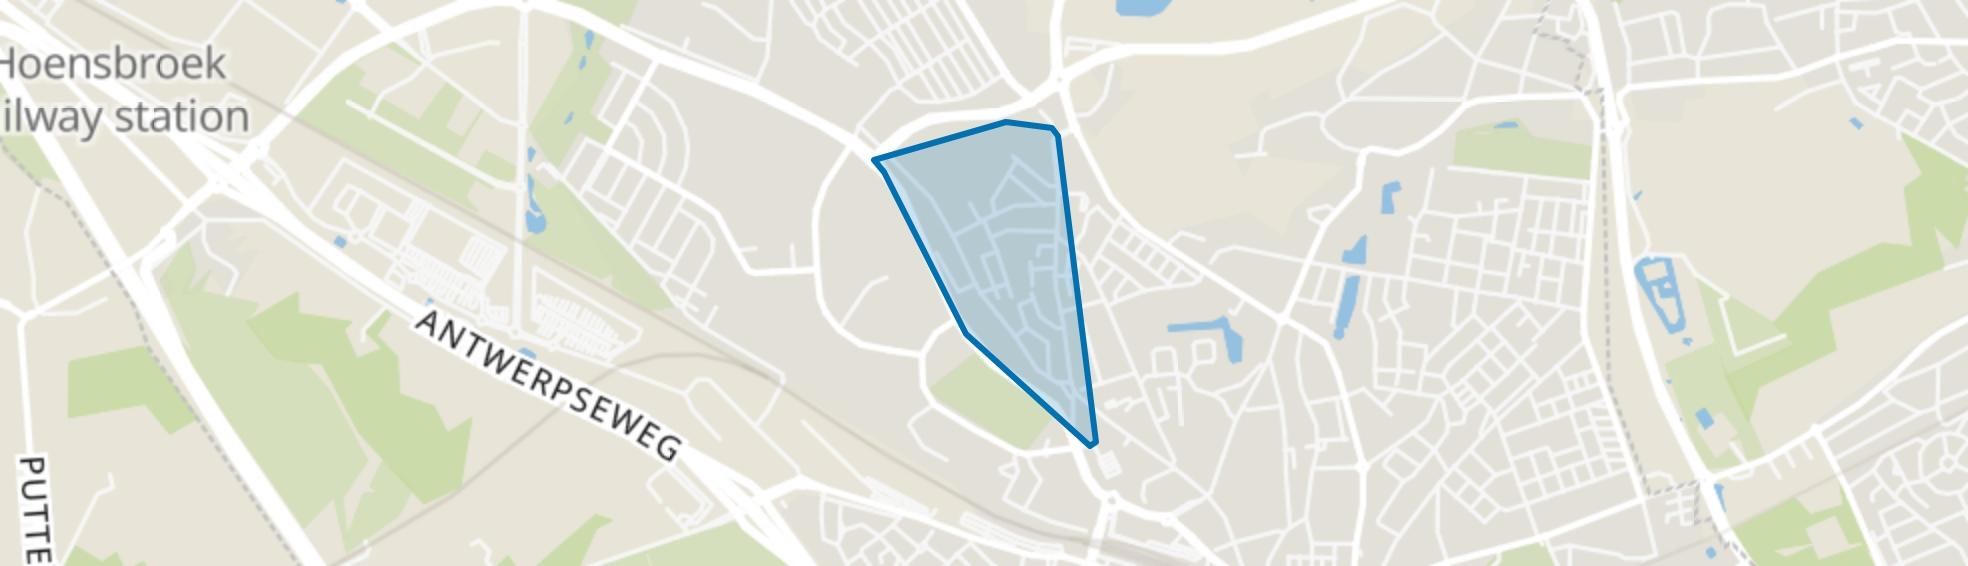 Musschemig, Heerlen map